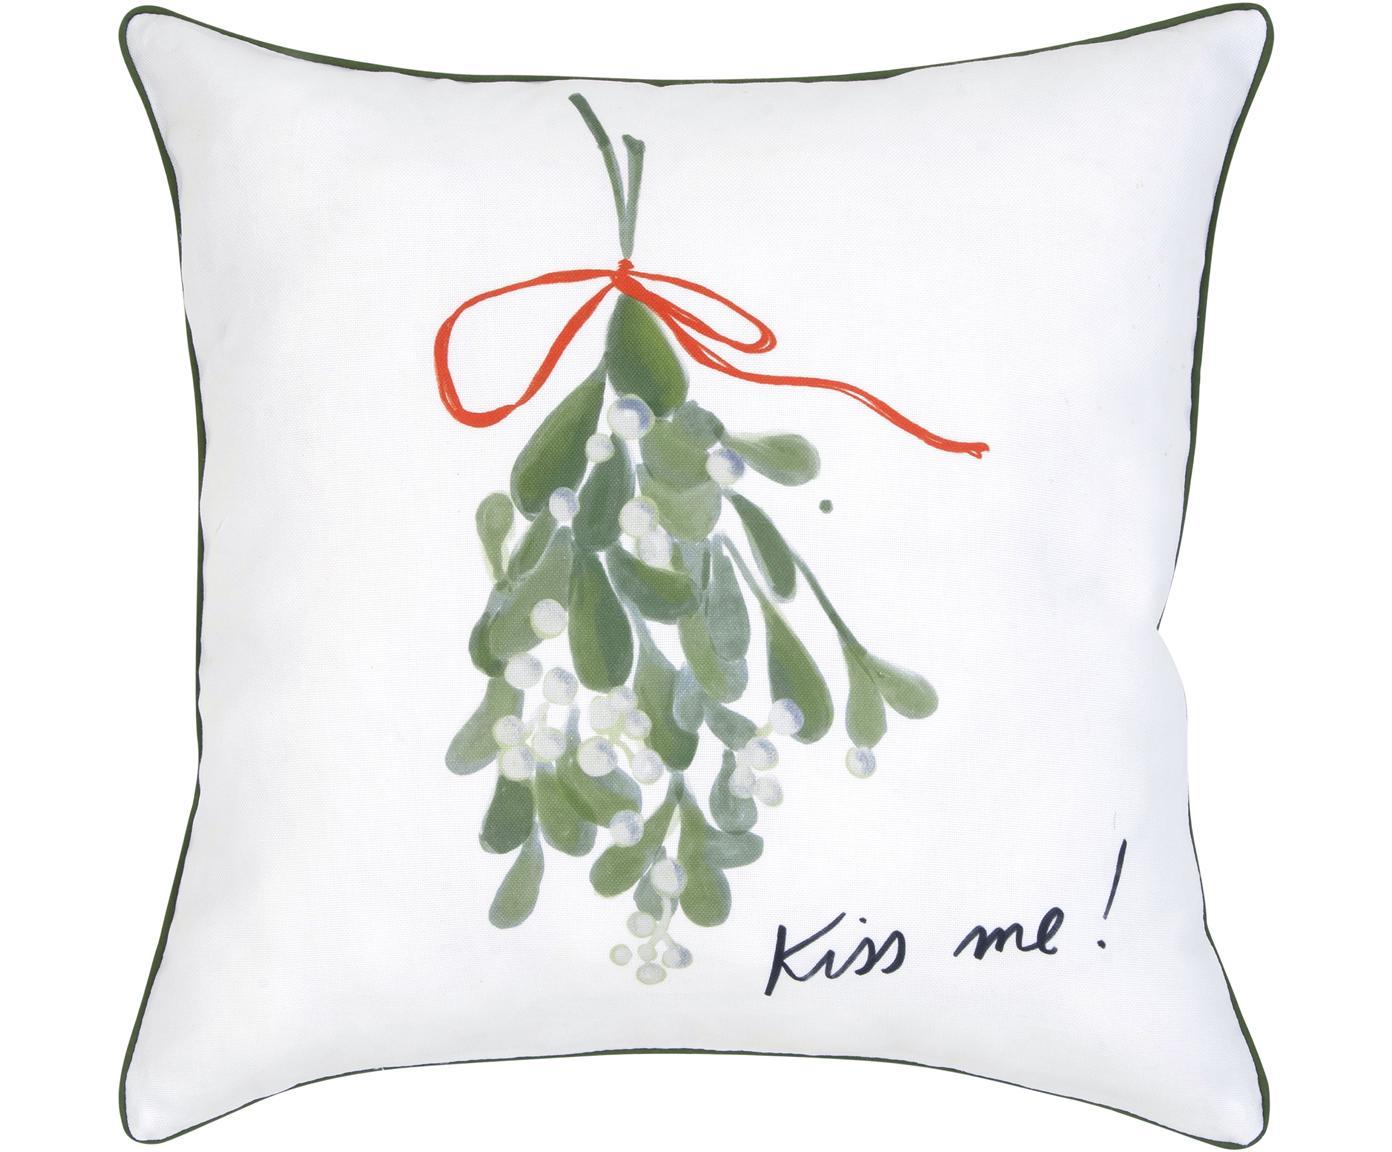 Kussenhoes Kiss Me van Kera Till, 100% katoen, Kussen: multicolour. Bies: groen, 40 x 40 cm